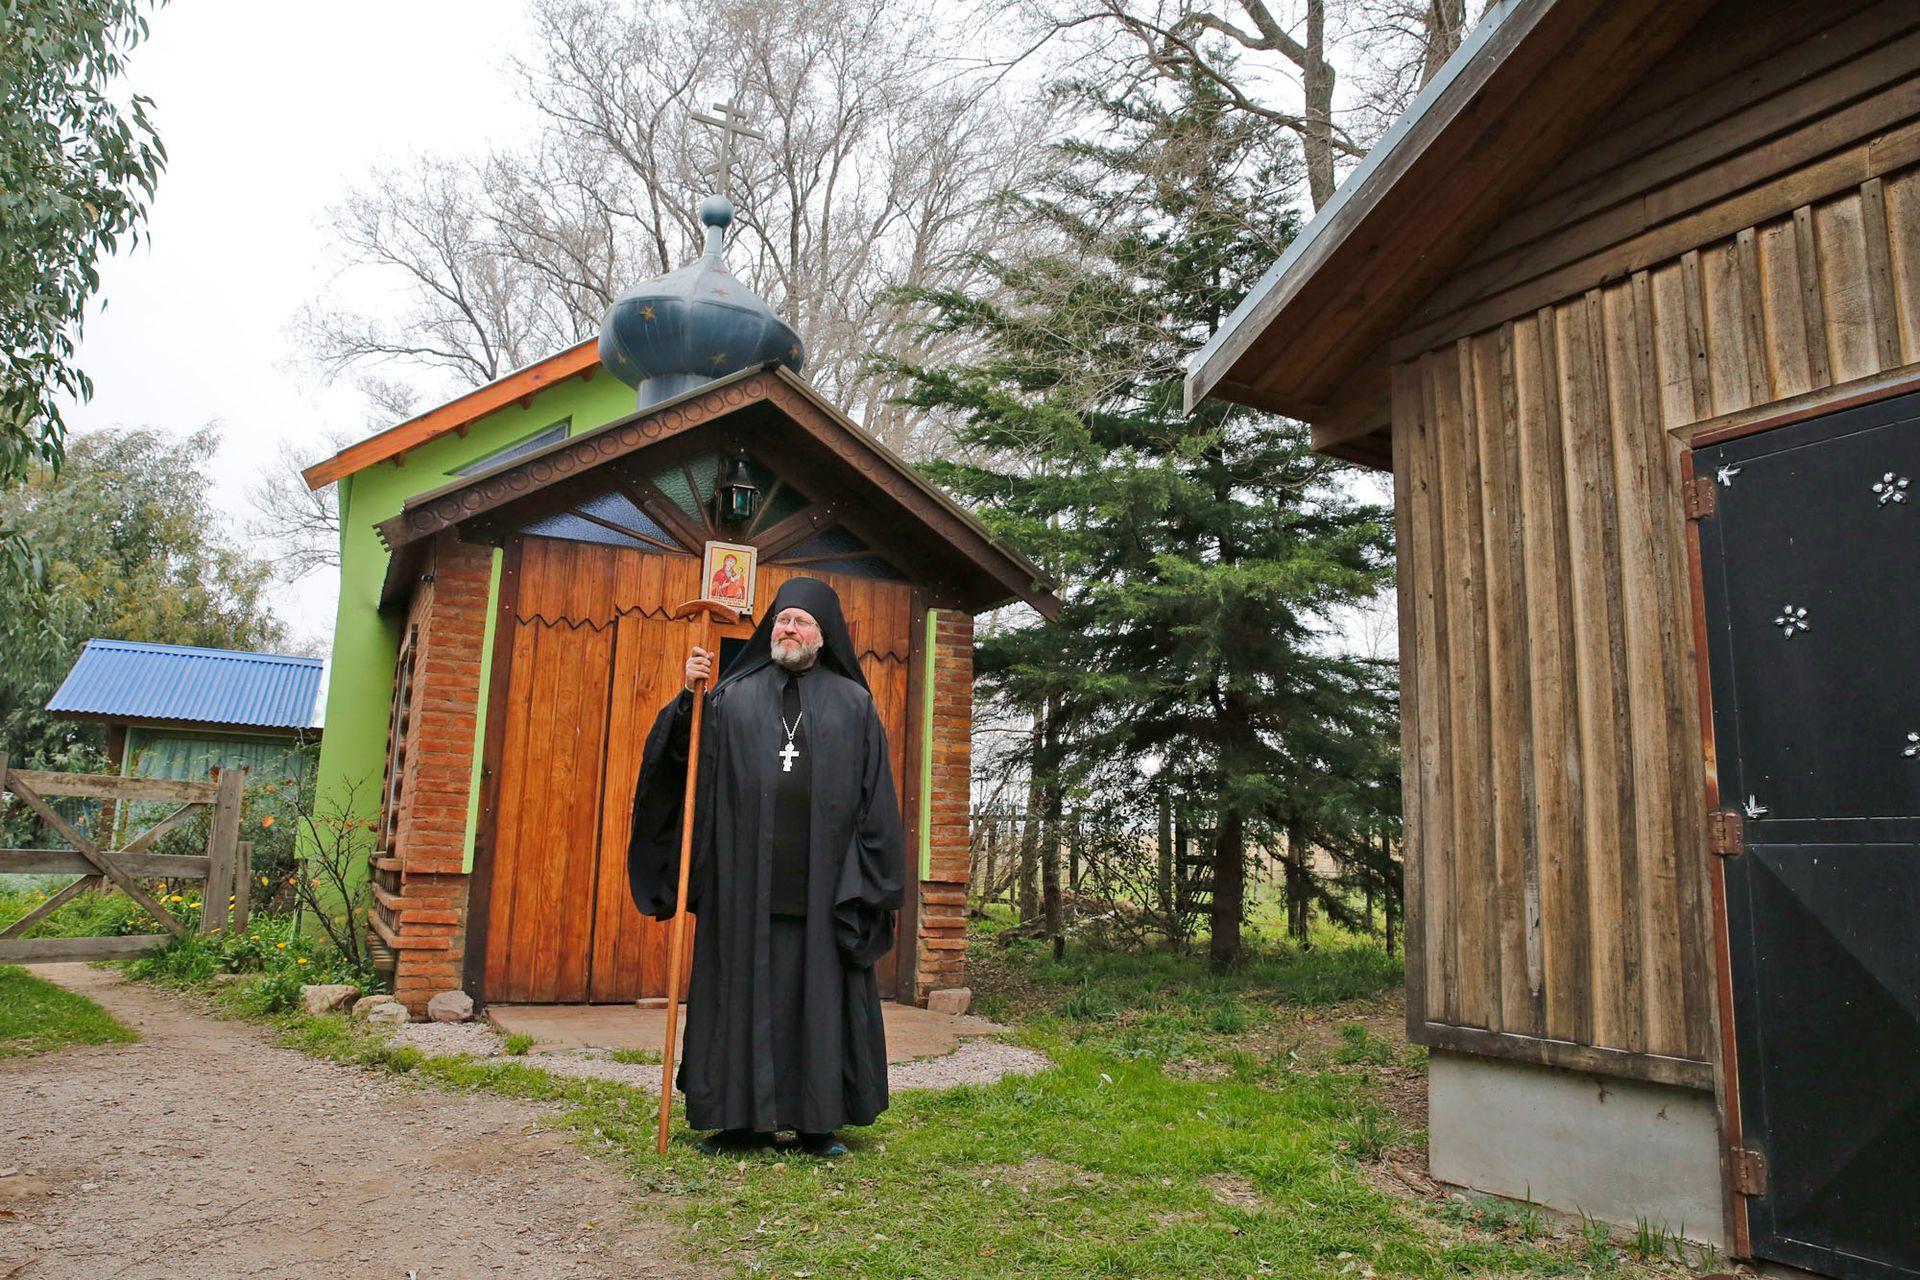 El monasterio está ubicado en las sierras de Curamalal, en el Partido de Saavedra, provincia de Buenos Aires